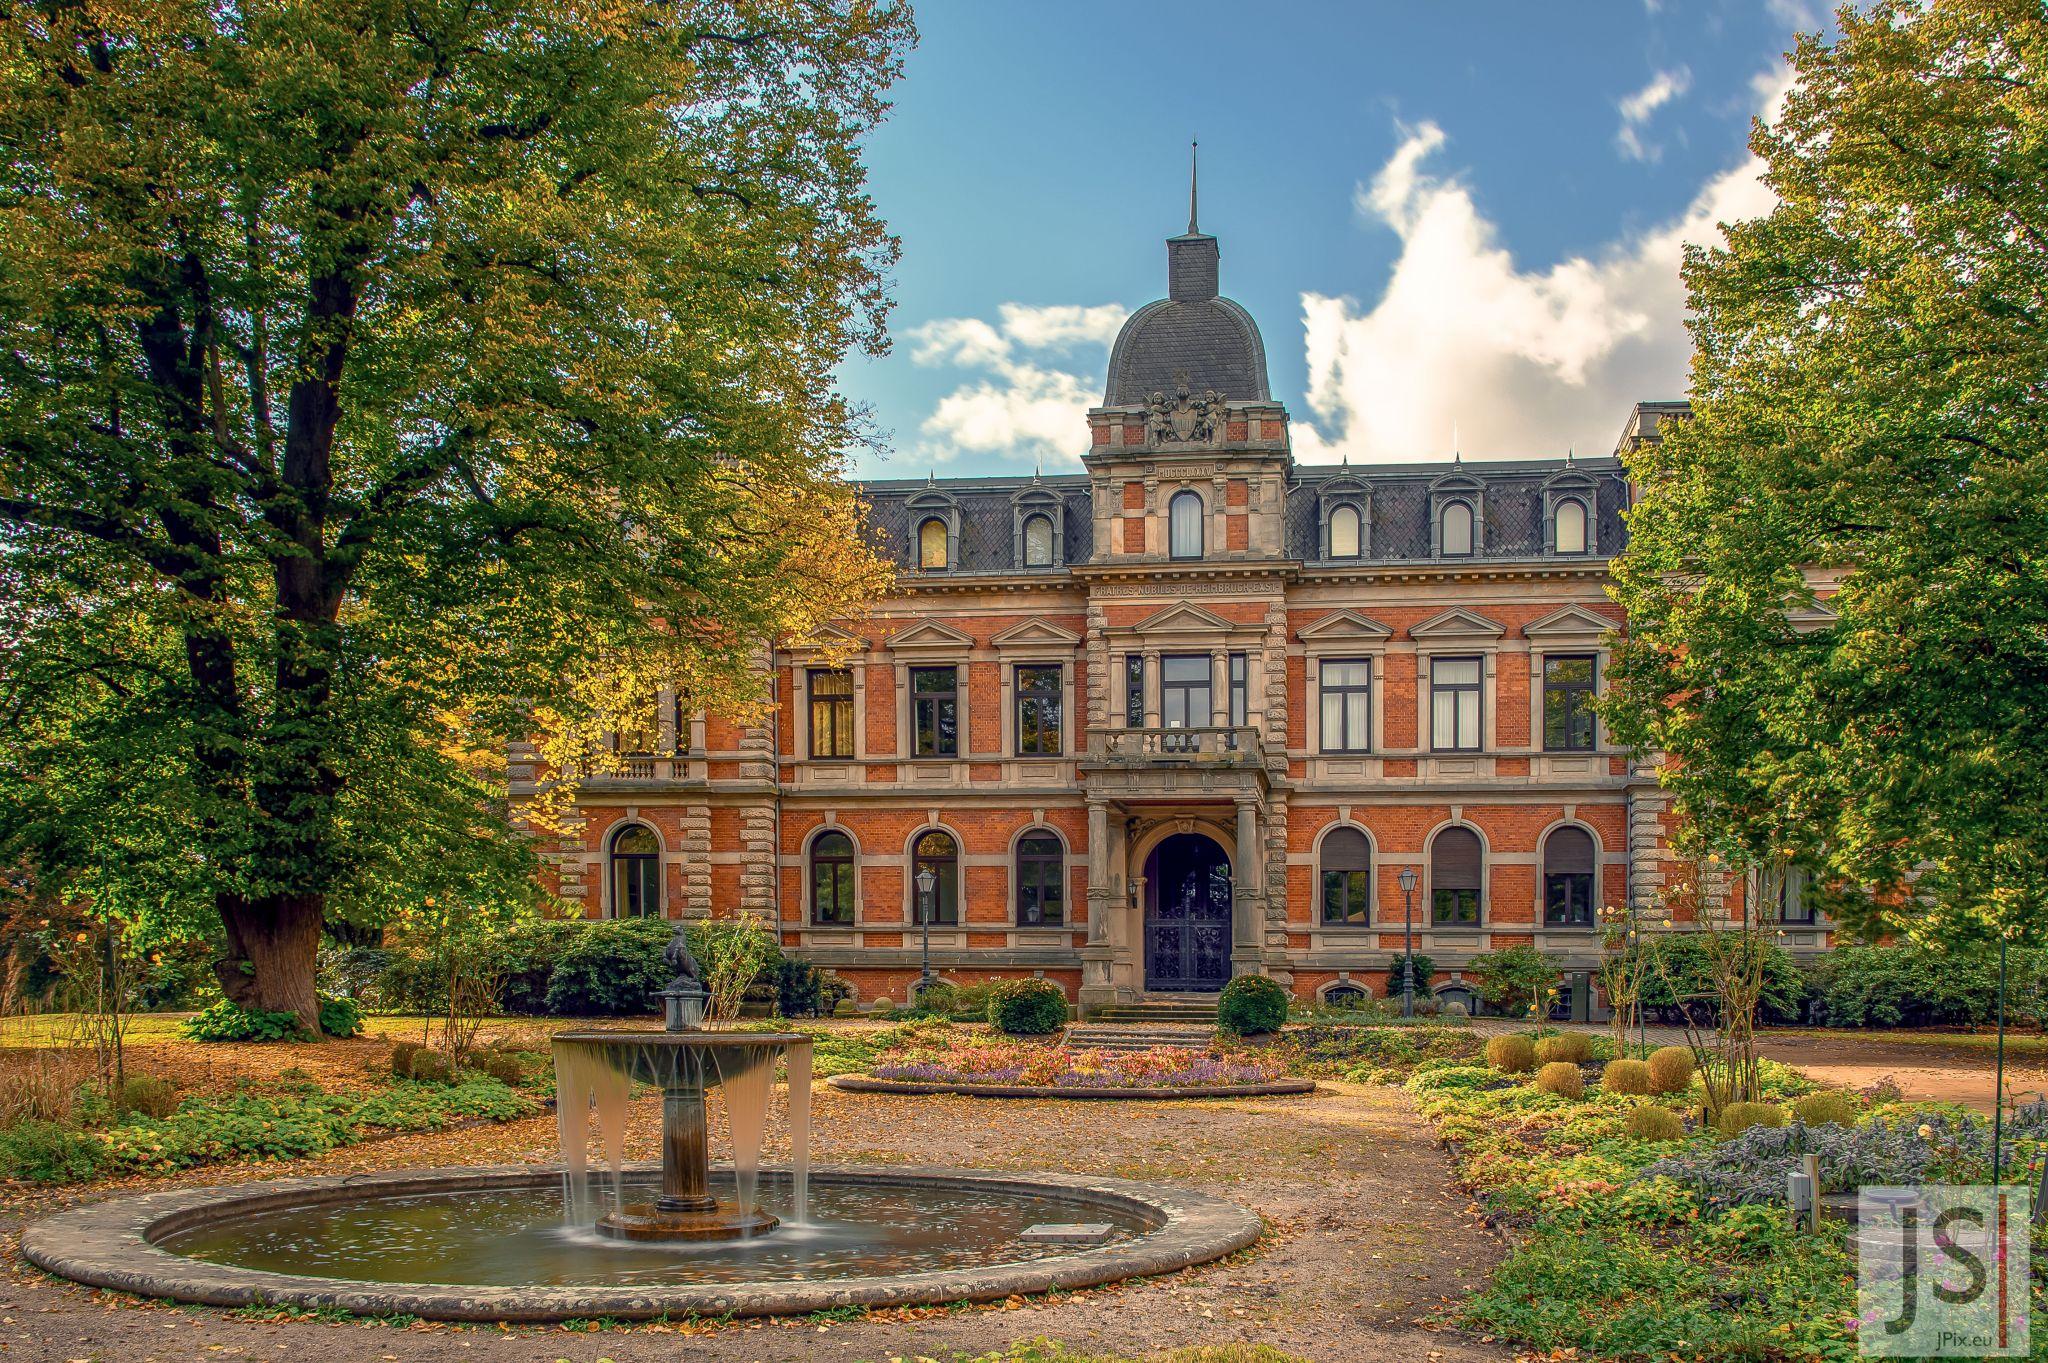 Schloss Etelsen, Germany